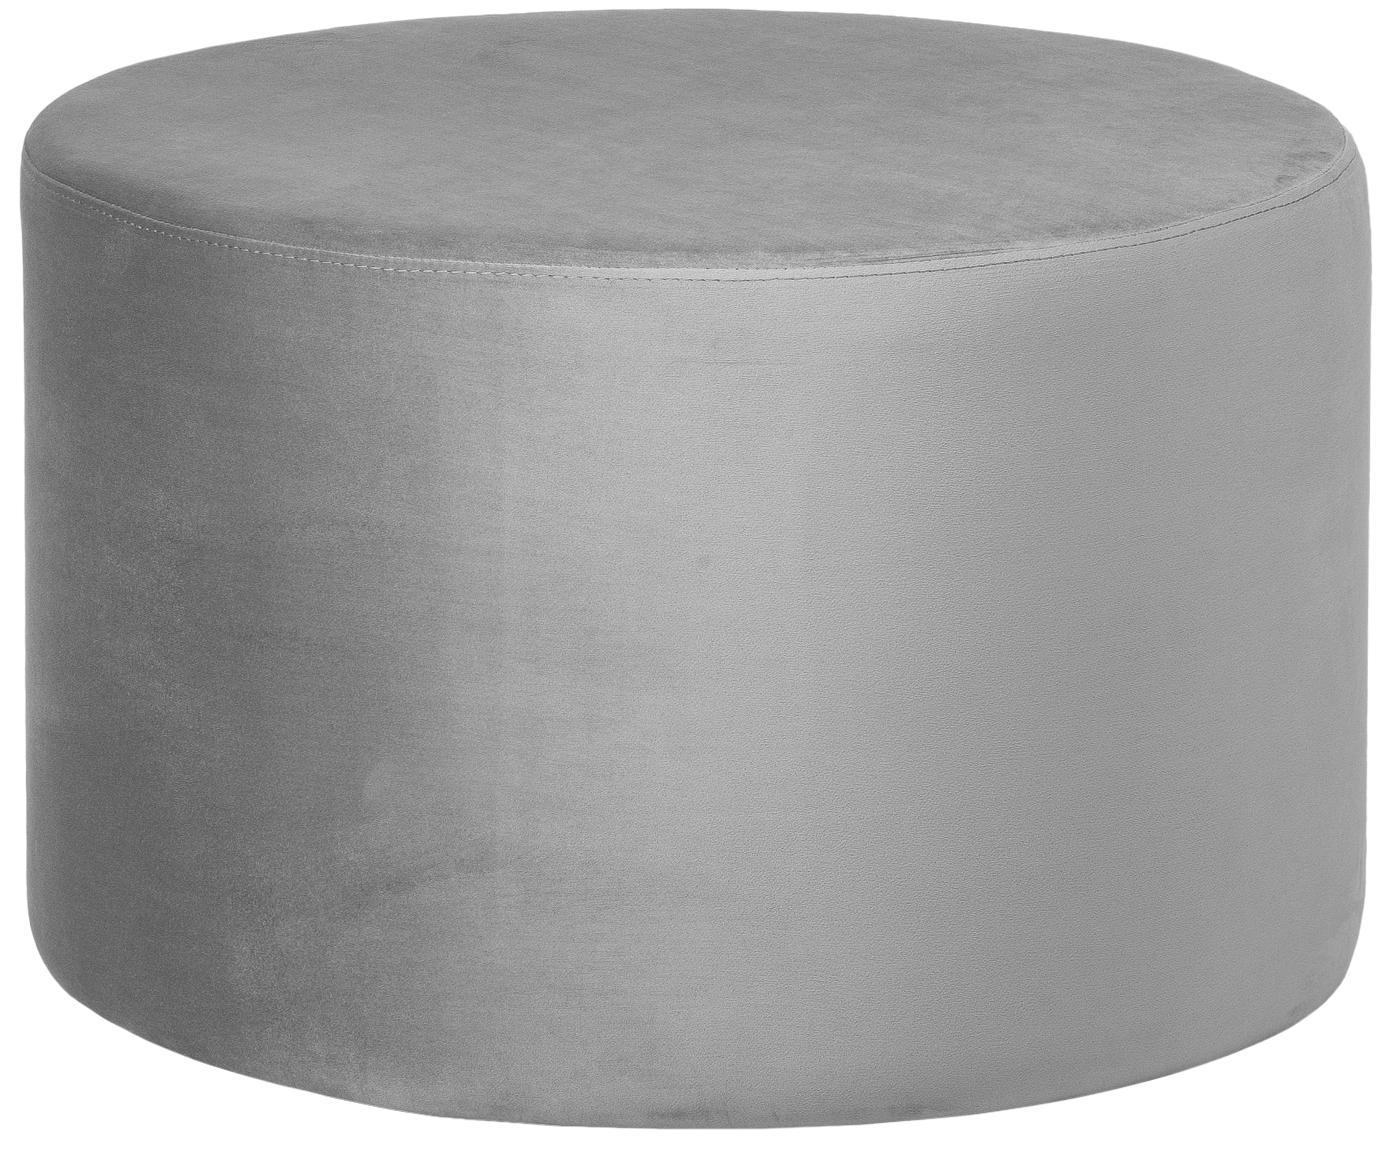 Puf z aksamitu Daisy, Tapicerka: aksamit (poliester) Tkani, Tapicerka: pianka, 28kg/m³, Szary, Ø 62 x W 41 cm